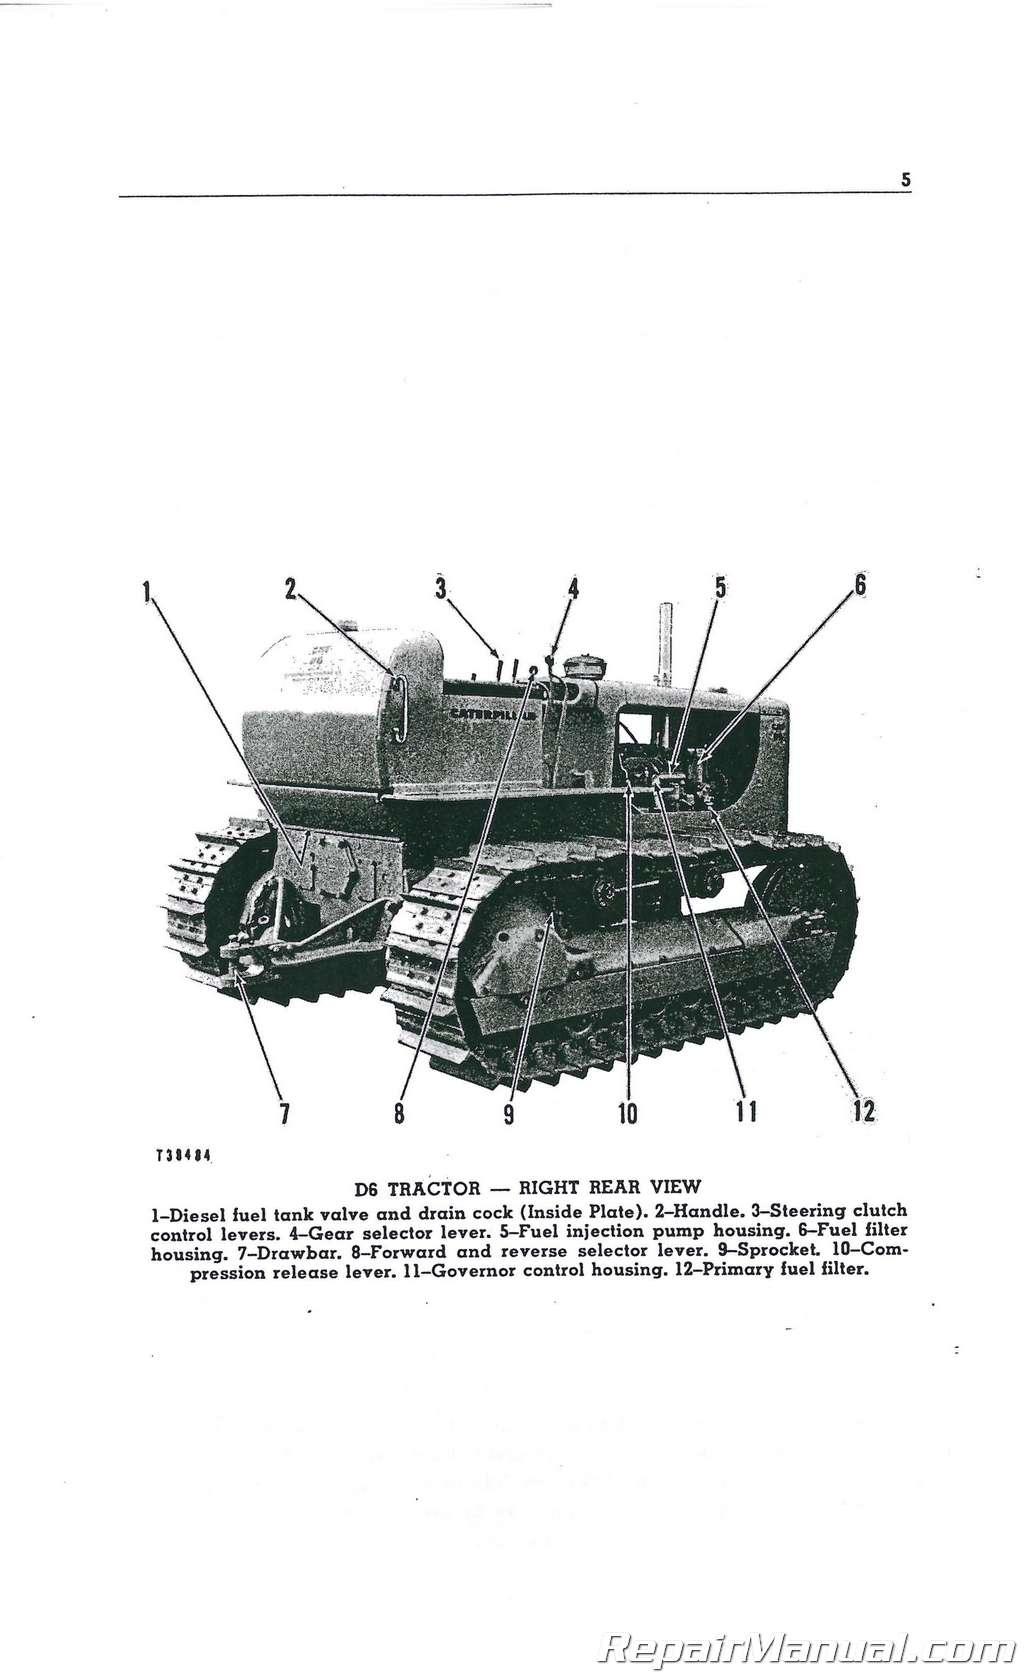 Caterpillar D6 D6B Crawler Operators Manual